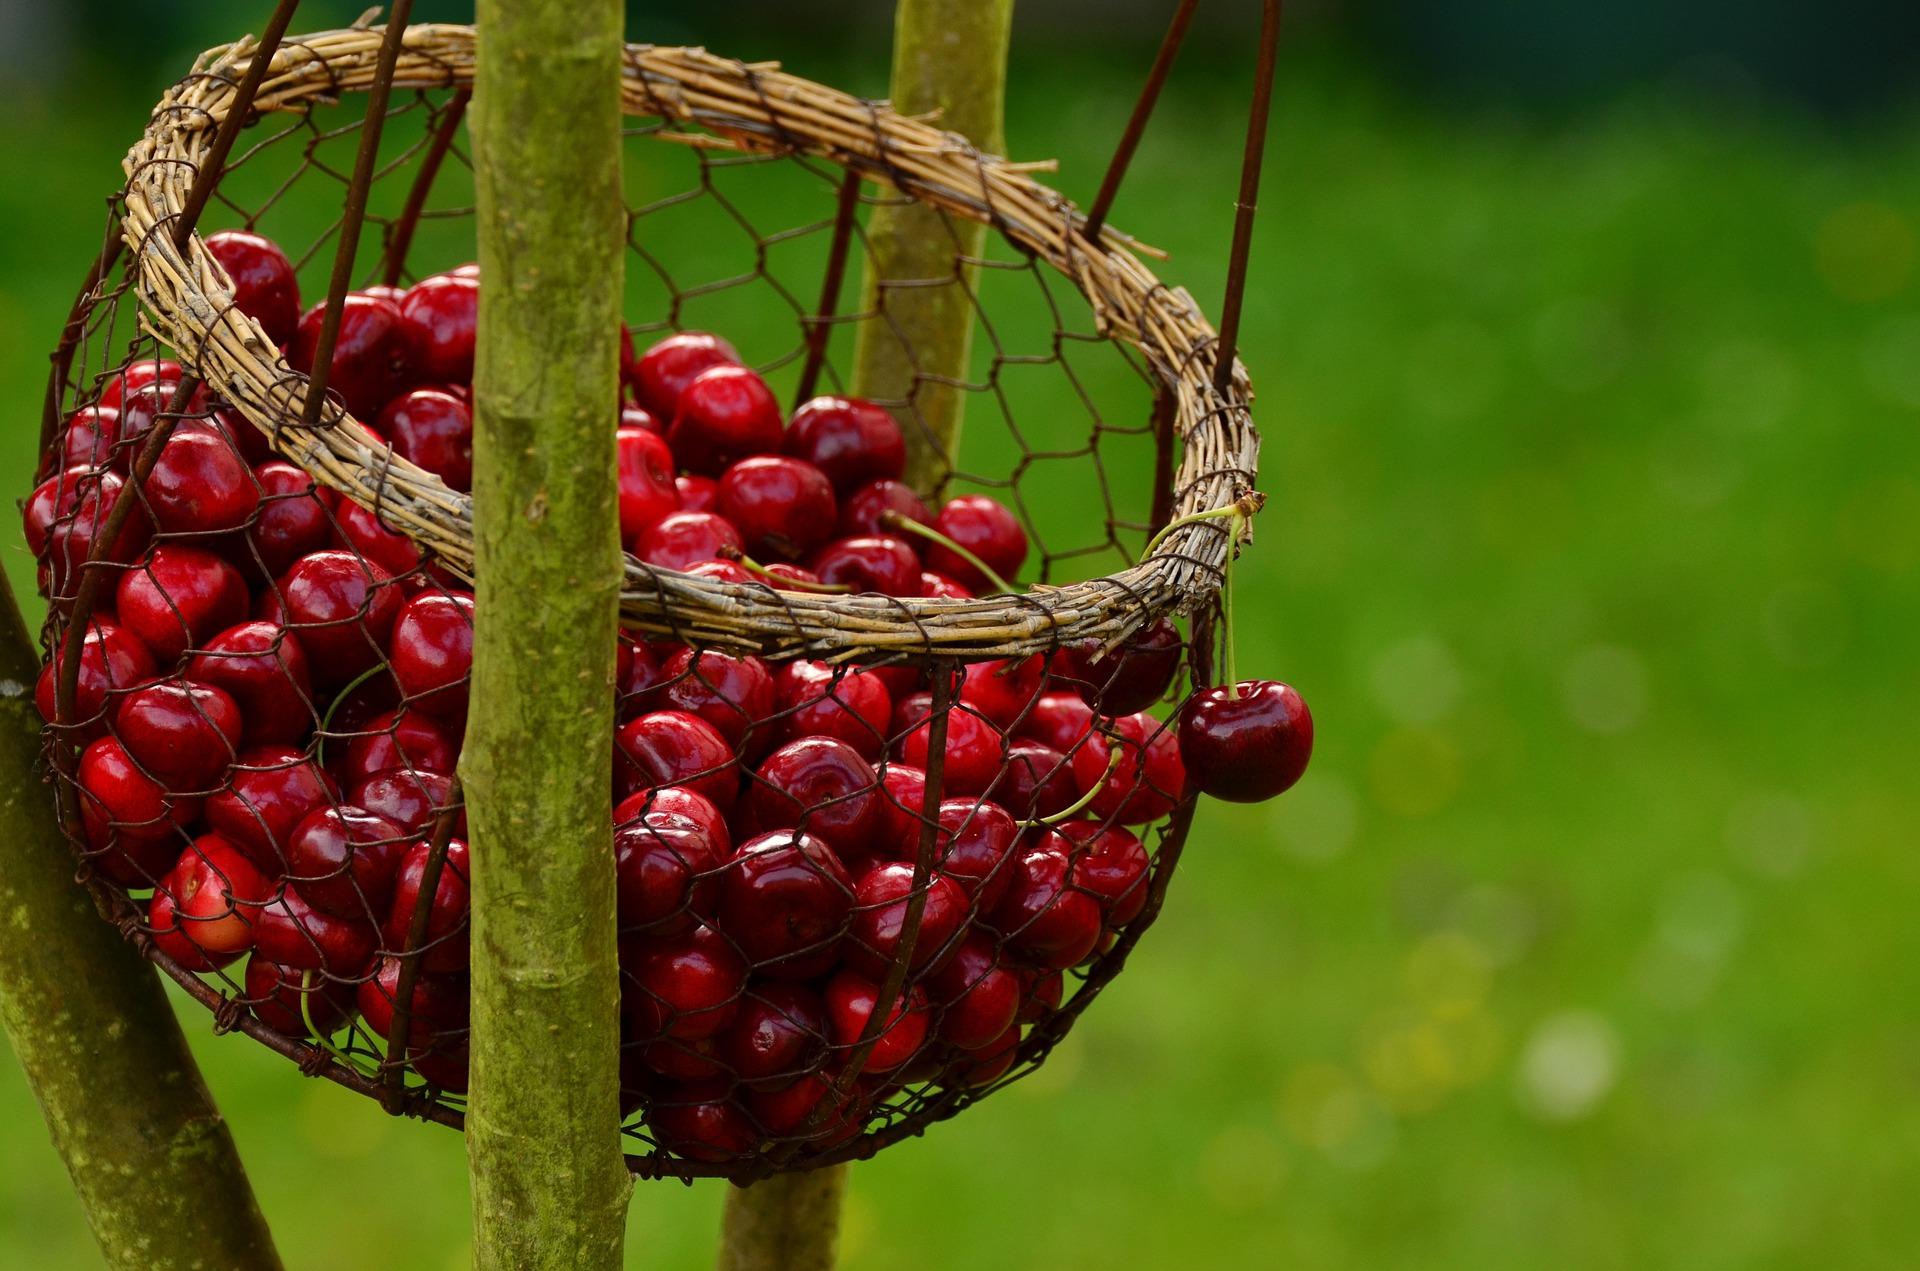 cherries in a net